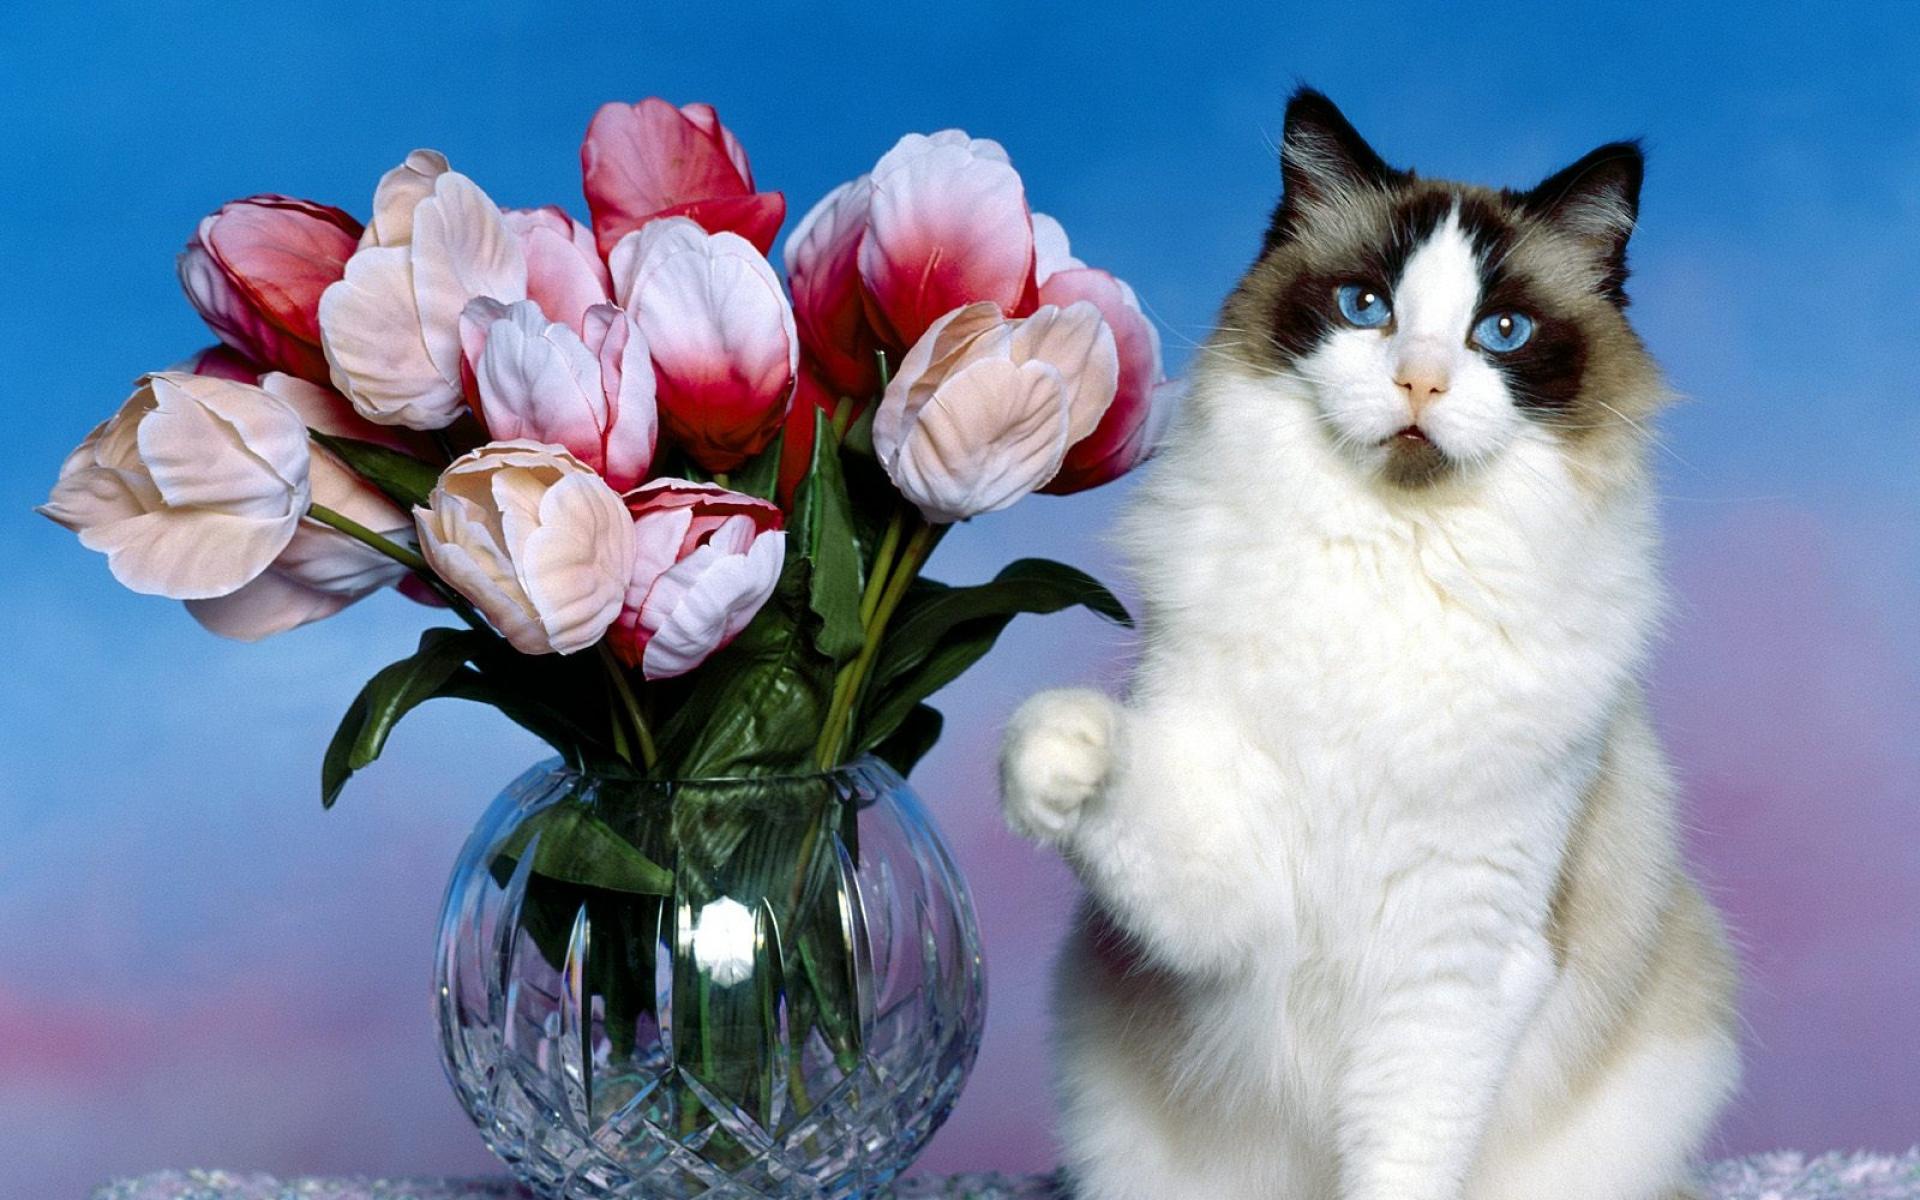 подъемный кошка с цветами поздравления фото айва, груши